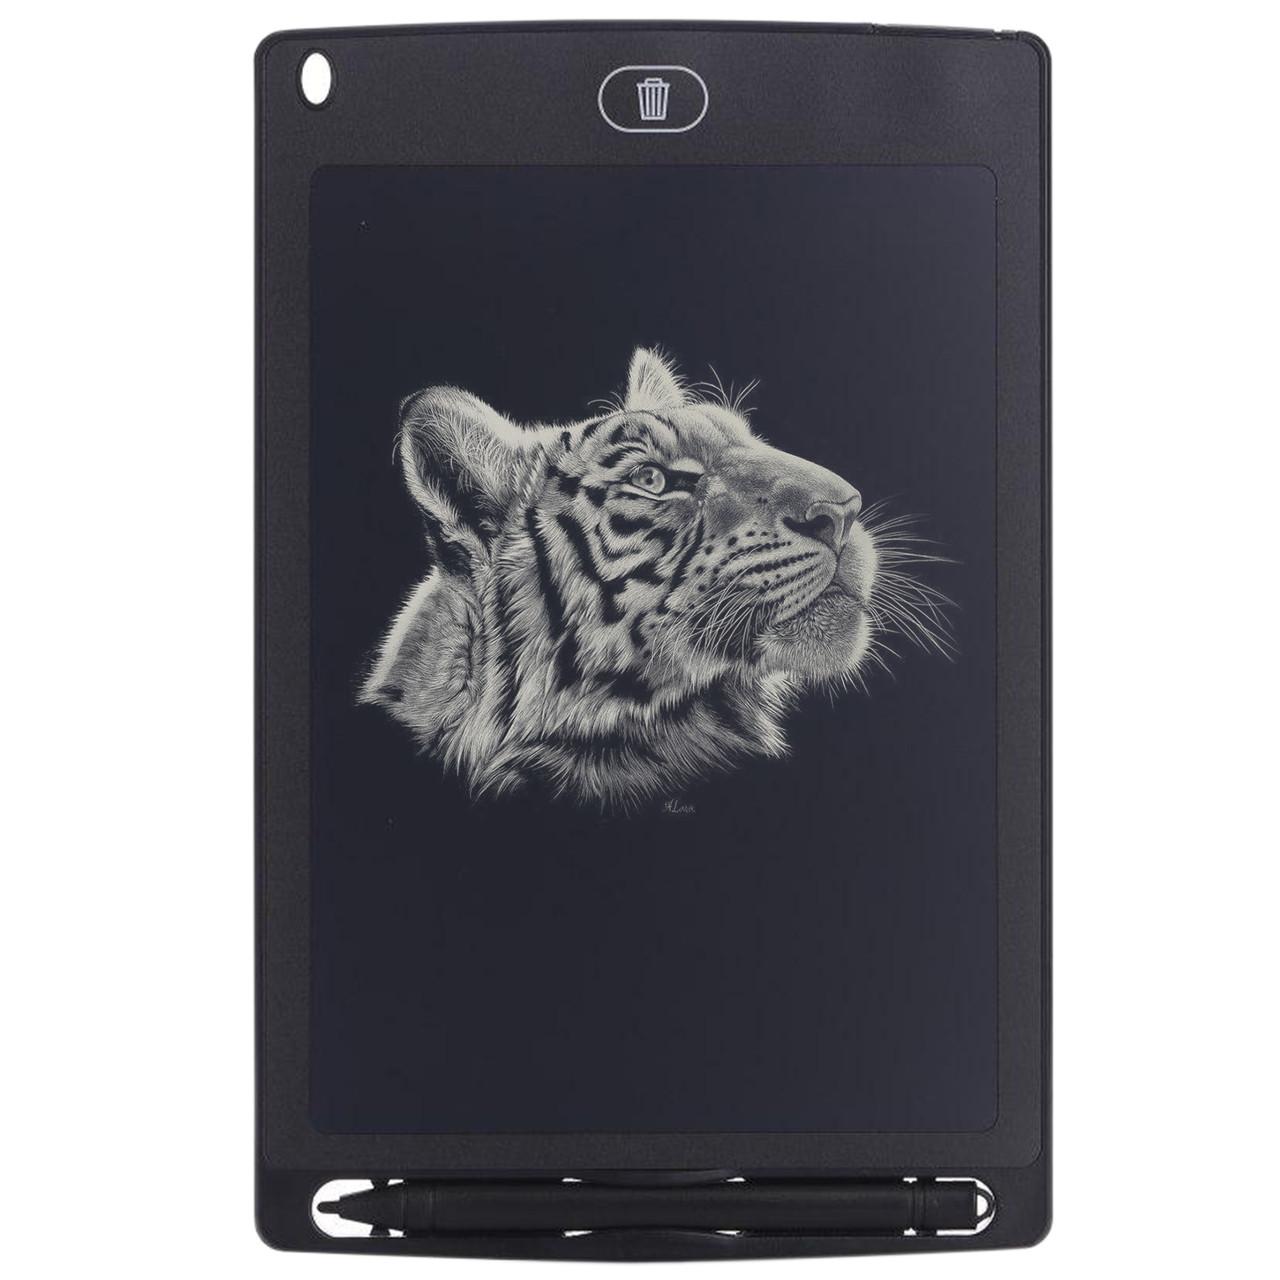 """ϞГрафический планшет Lesko LCD Writing Tablet 8.5"""" Black с стилусом для рисования заметок записей"""